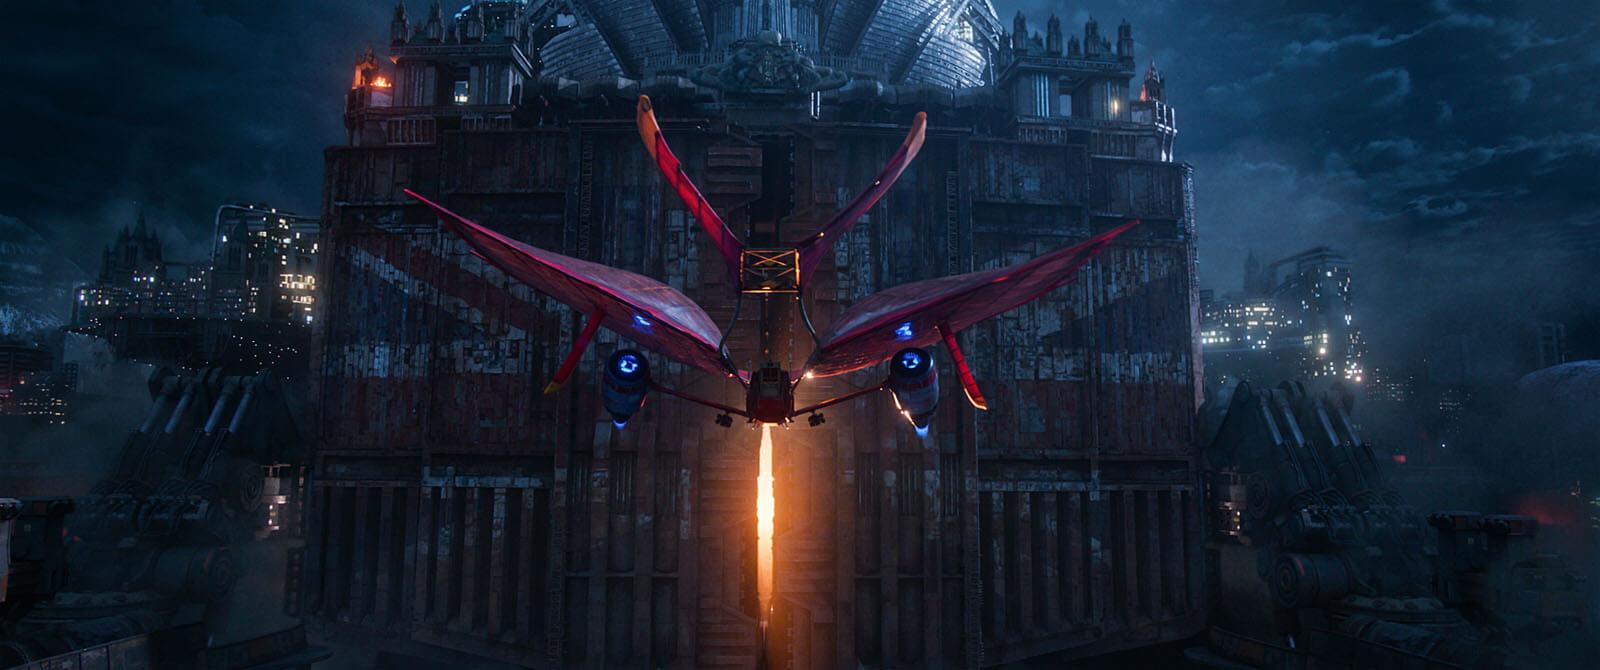 《移動城市:致命引擎》片中,視覺特效磅礡絢麗,但主角們起身對抗大鯊魚的勇氣也令人感服不已。